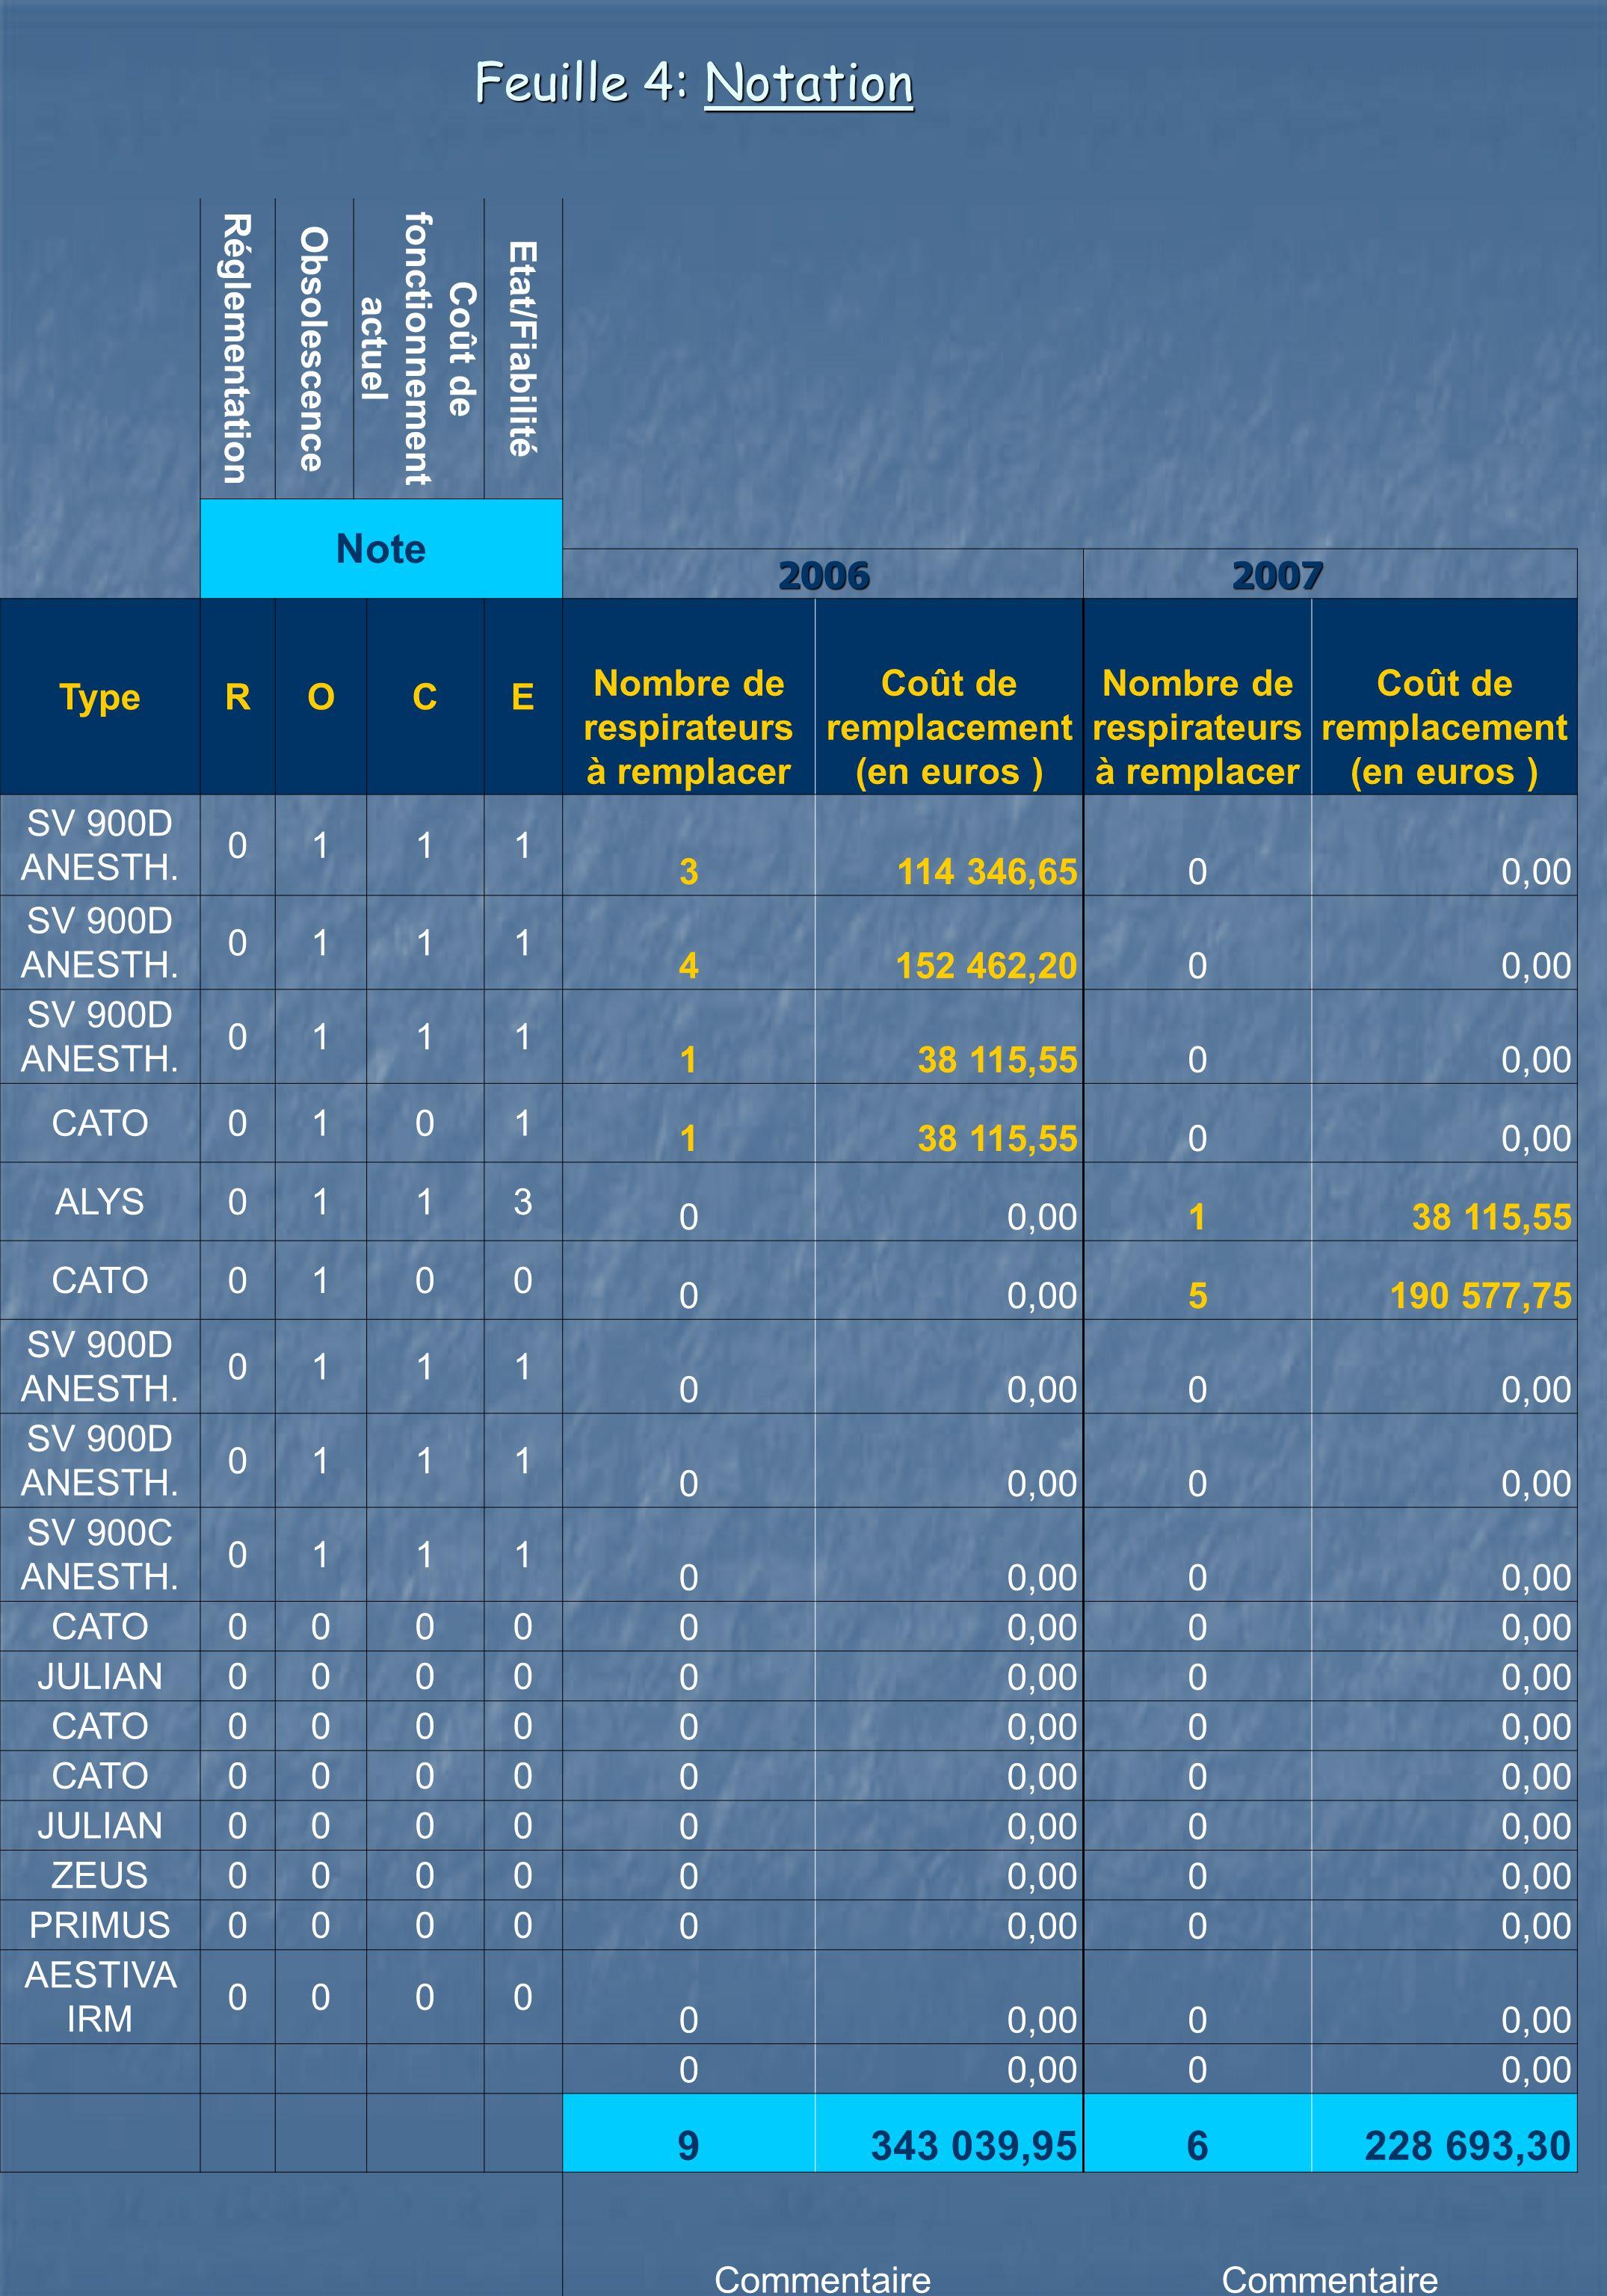 Feuille 4: Notation Réglementation Obsolescence Coût de fonctionnement actuel Etat/Fiabilité Note 20062007 TypeROCE Nombre de respirateurs à remplacer